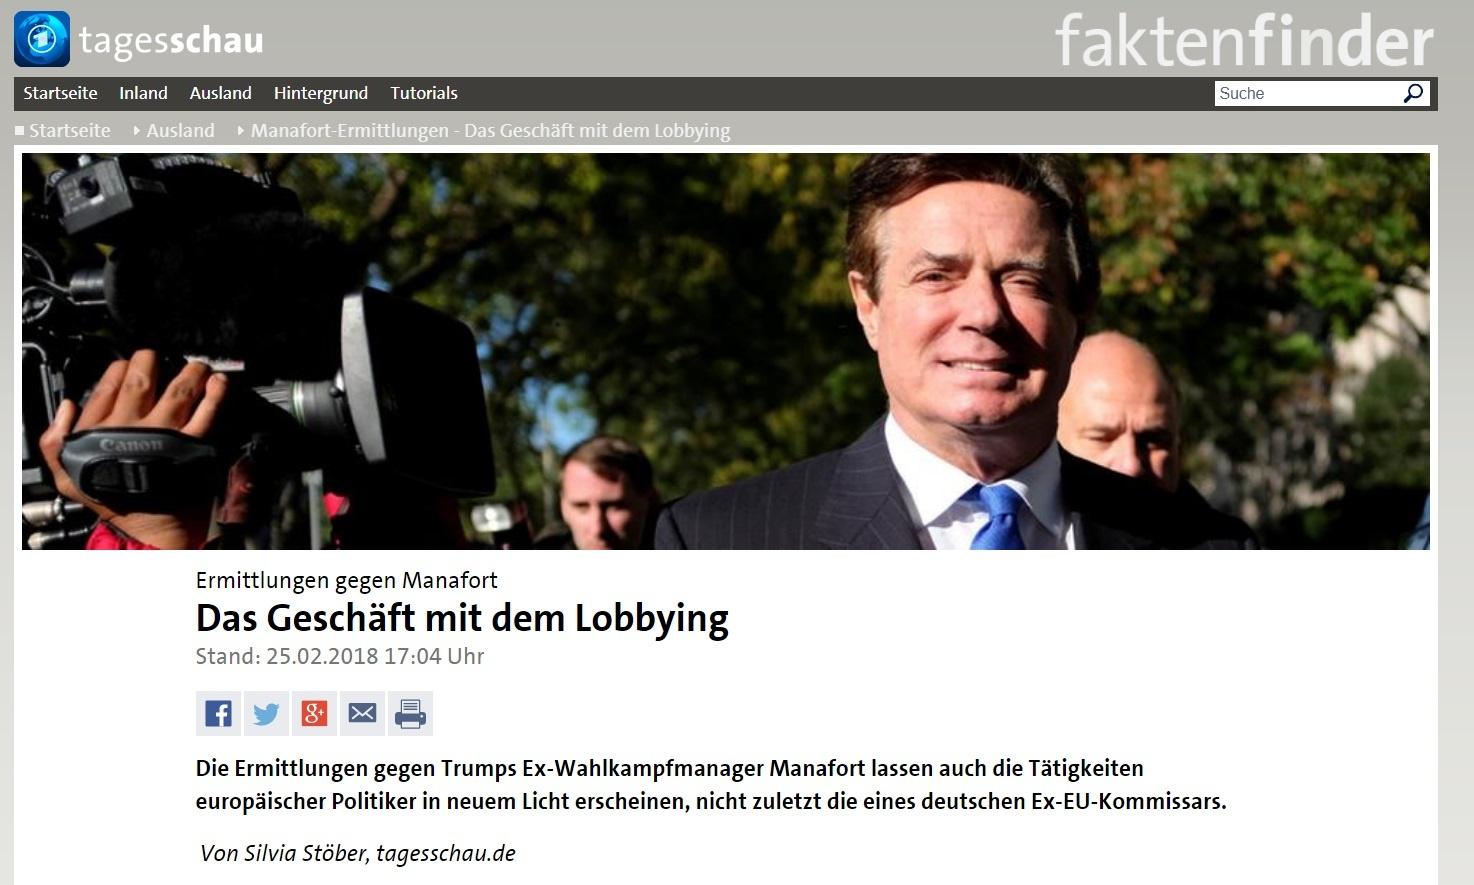 Програма Tagesschau німецького телеканалу ARD оприлюднила у неділю, 25 лютого, матеріал, в якому докладно розповіла – хто саме з європейських політиків найвищого рівня «оскоромився» роботою на Януковича, яким чином вони це робили і що тепер з того може вийти.